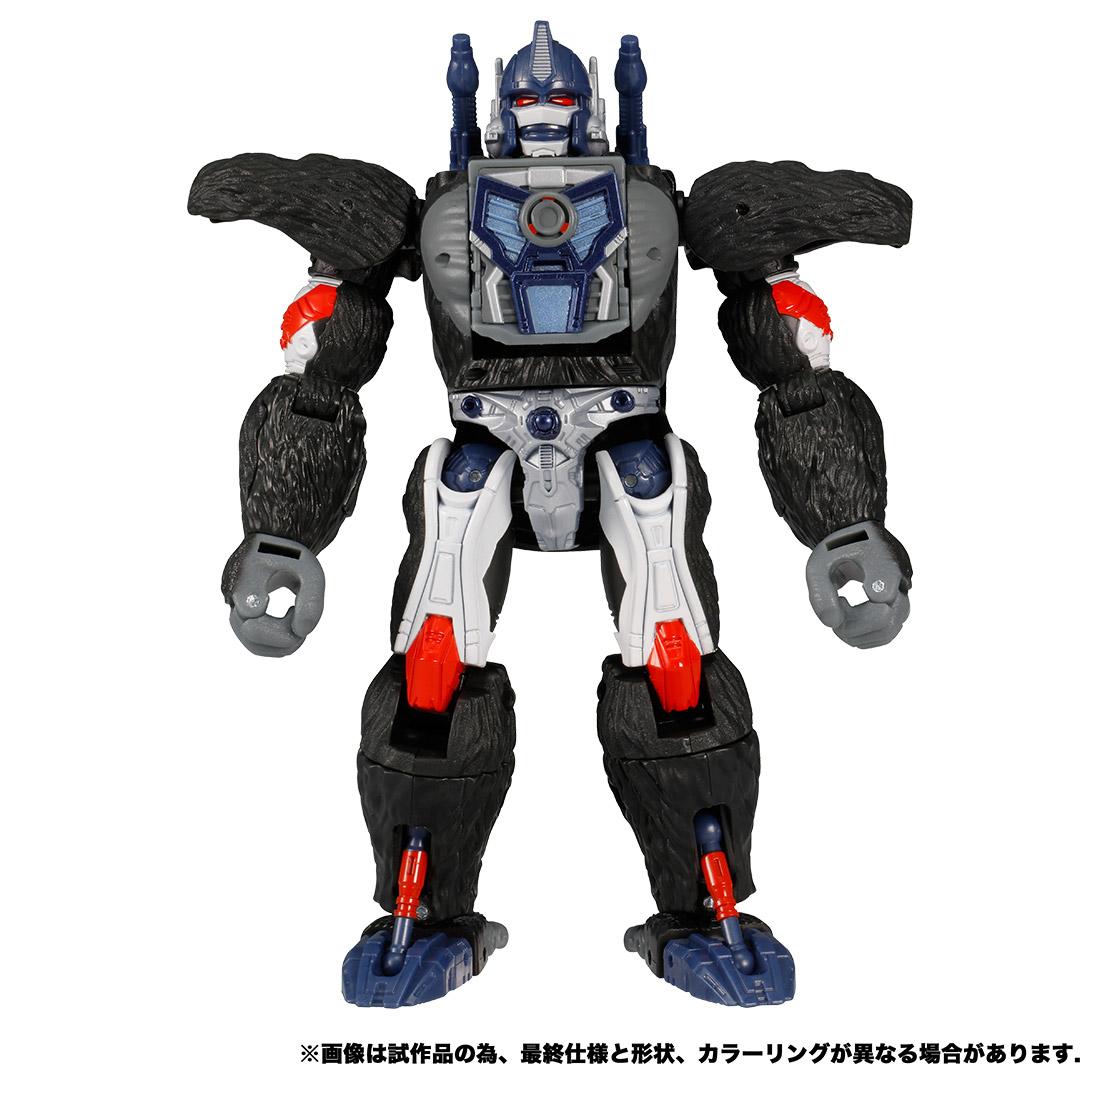 トランスフォーマー キングダム『KD-01 オプティマスプライマル』ビーストウォーズ 可変可動フィギュア-006